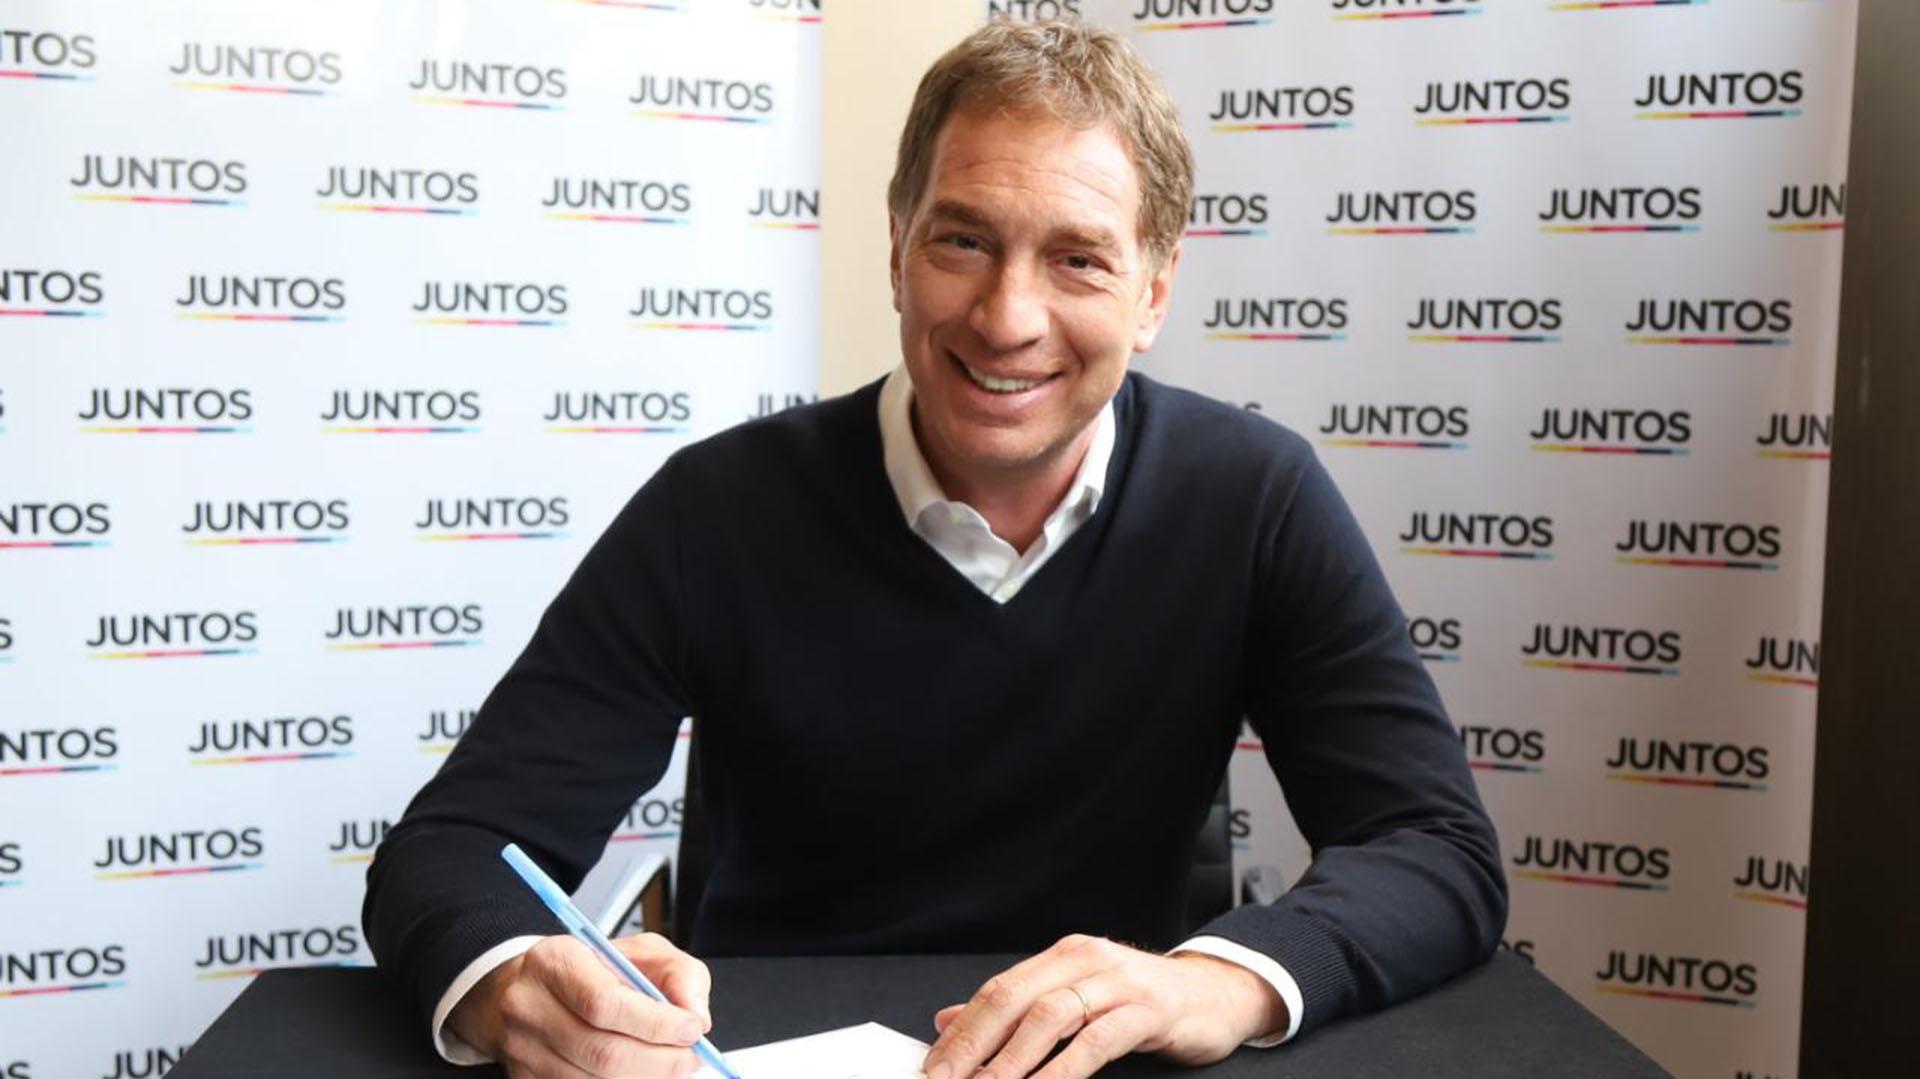 Encabezada por Diego Santilli, Juntos confirmó su lista de candidatos en la Provincia de Buenos Aires